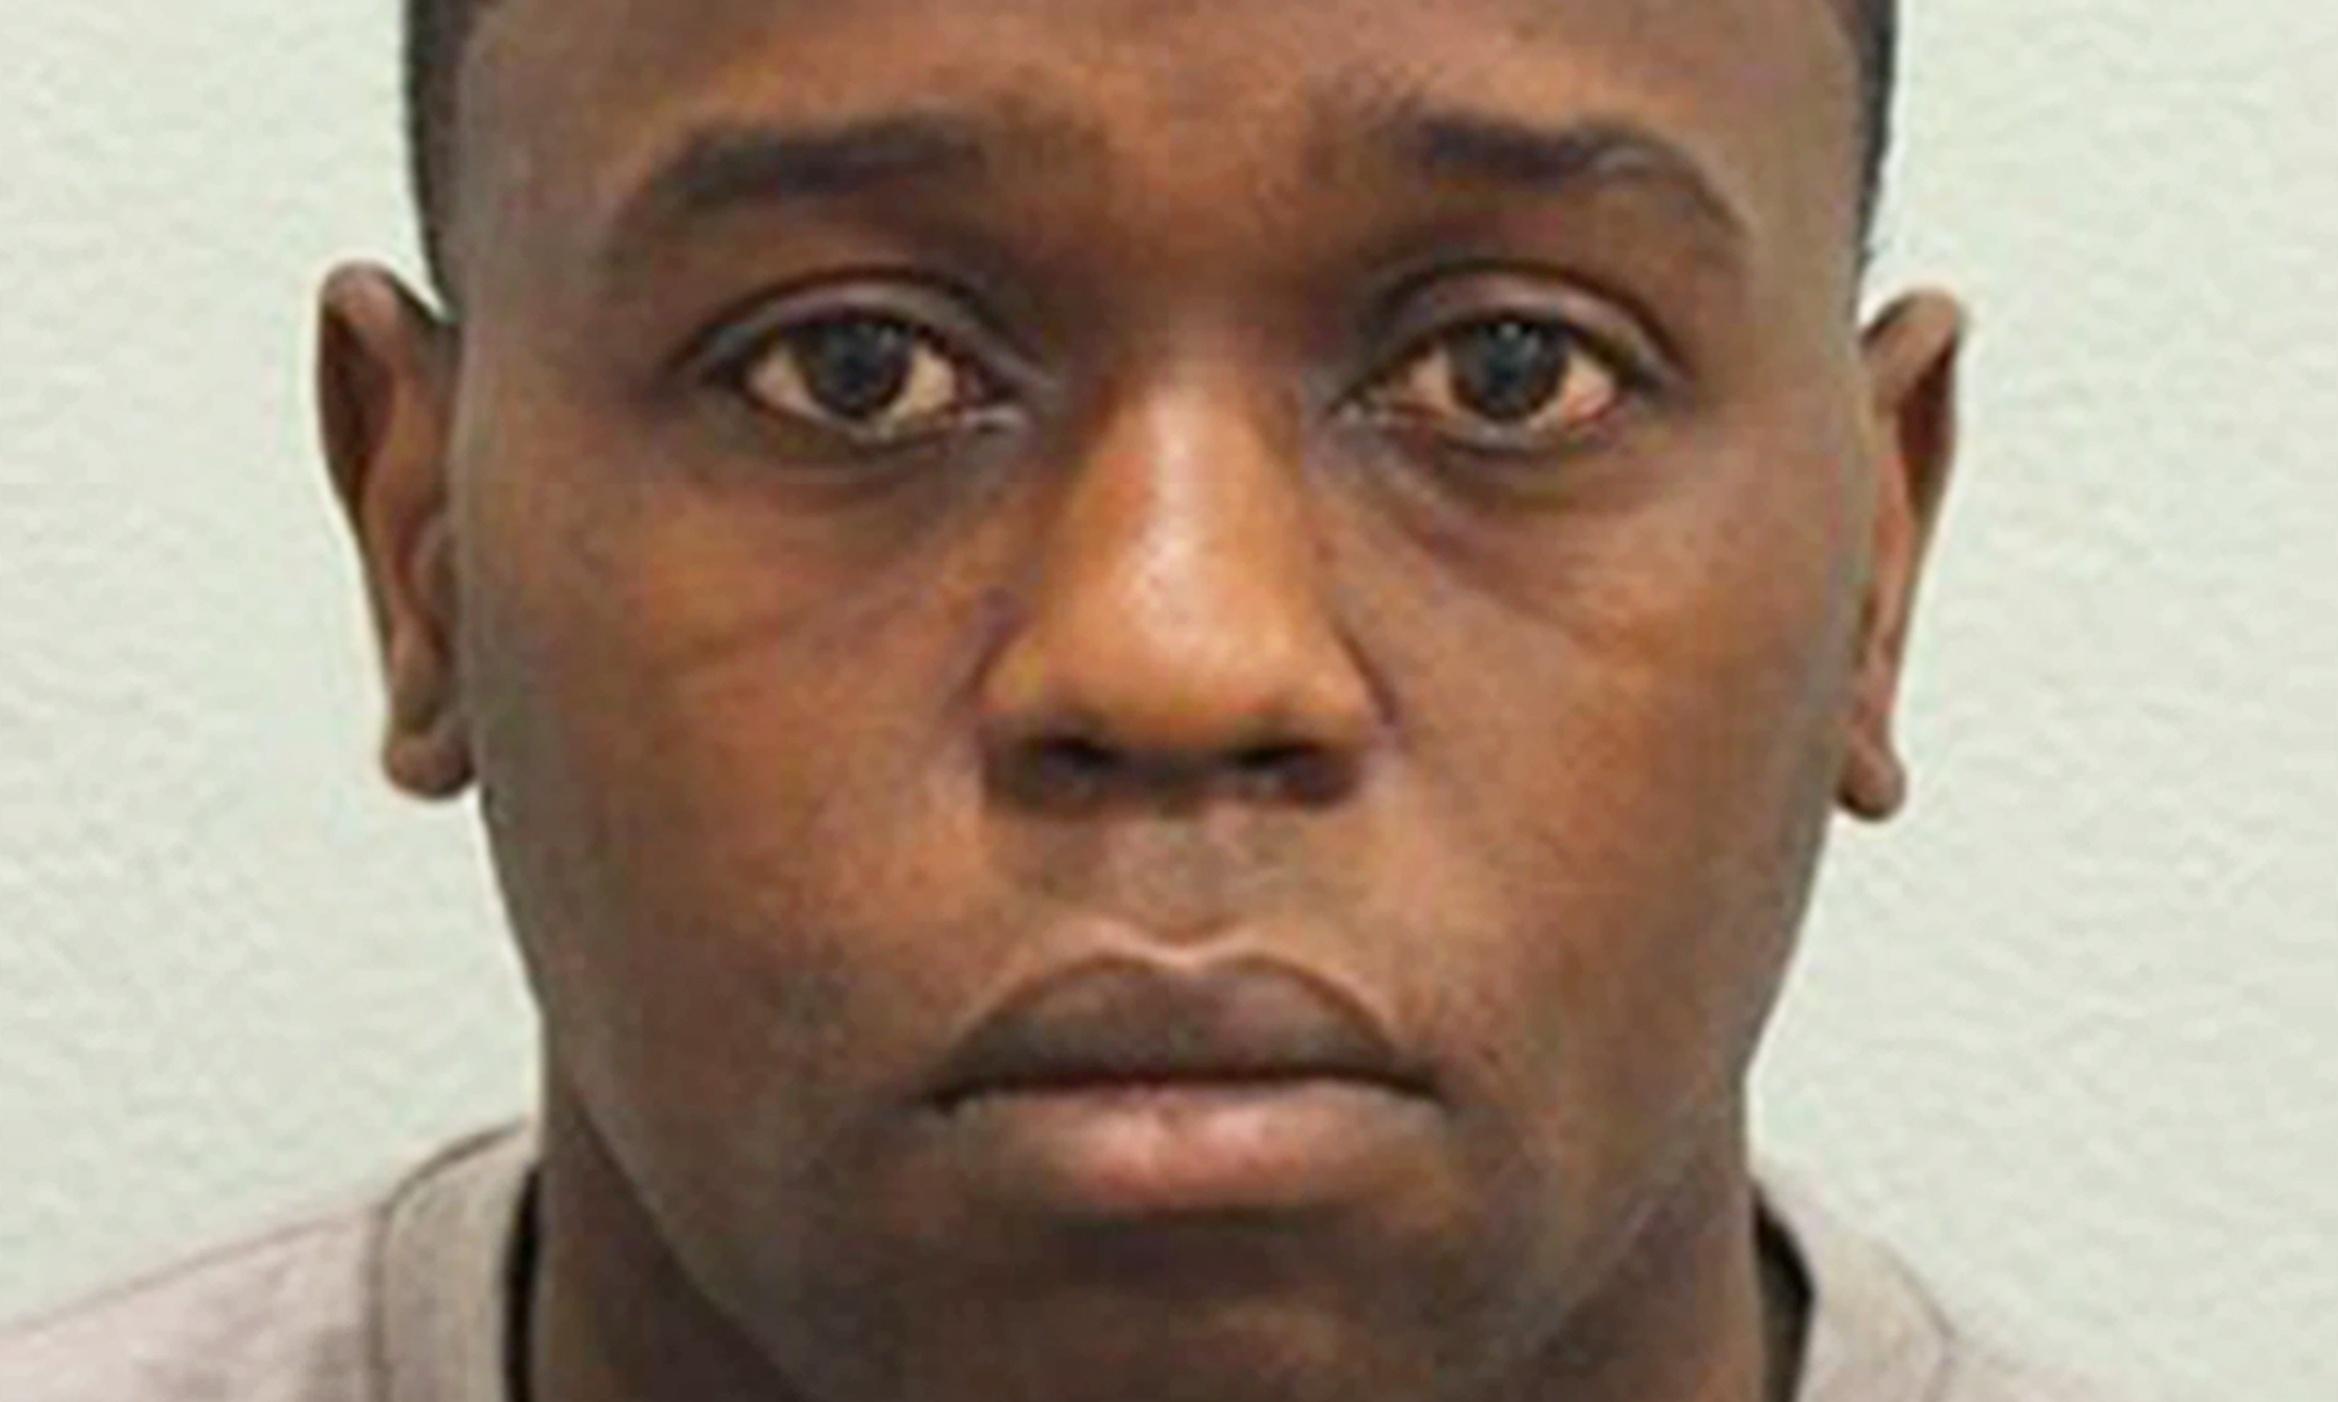 Ex-soldier found guilty of murdering Britain's Got Talent singer